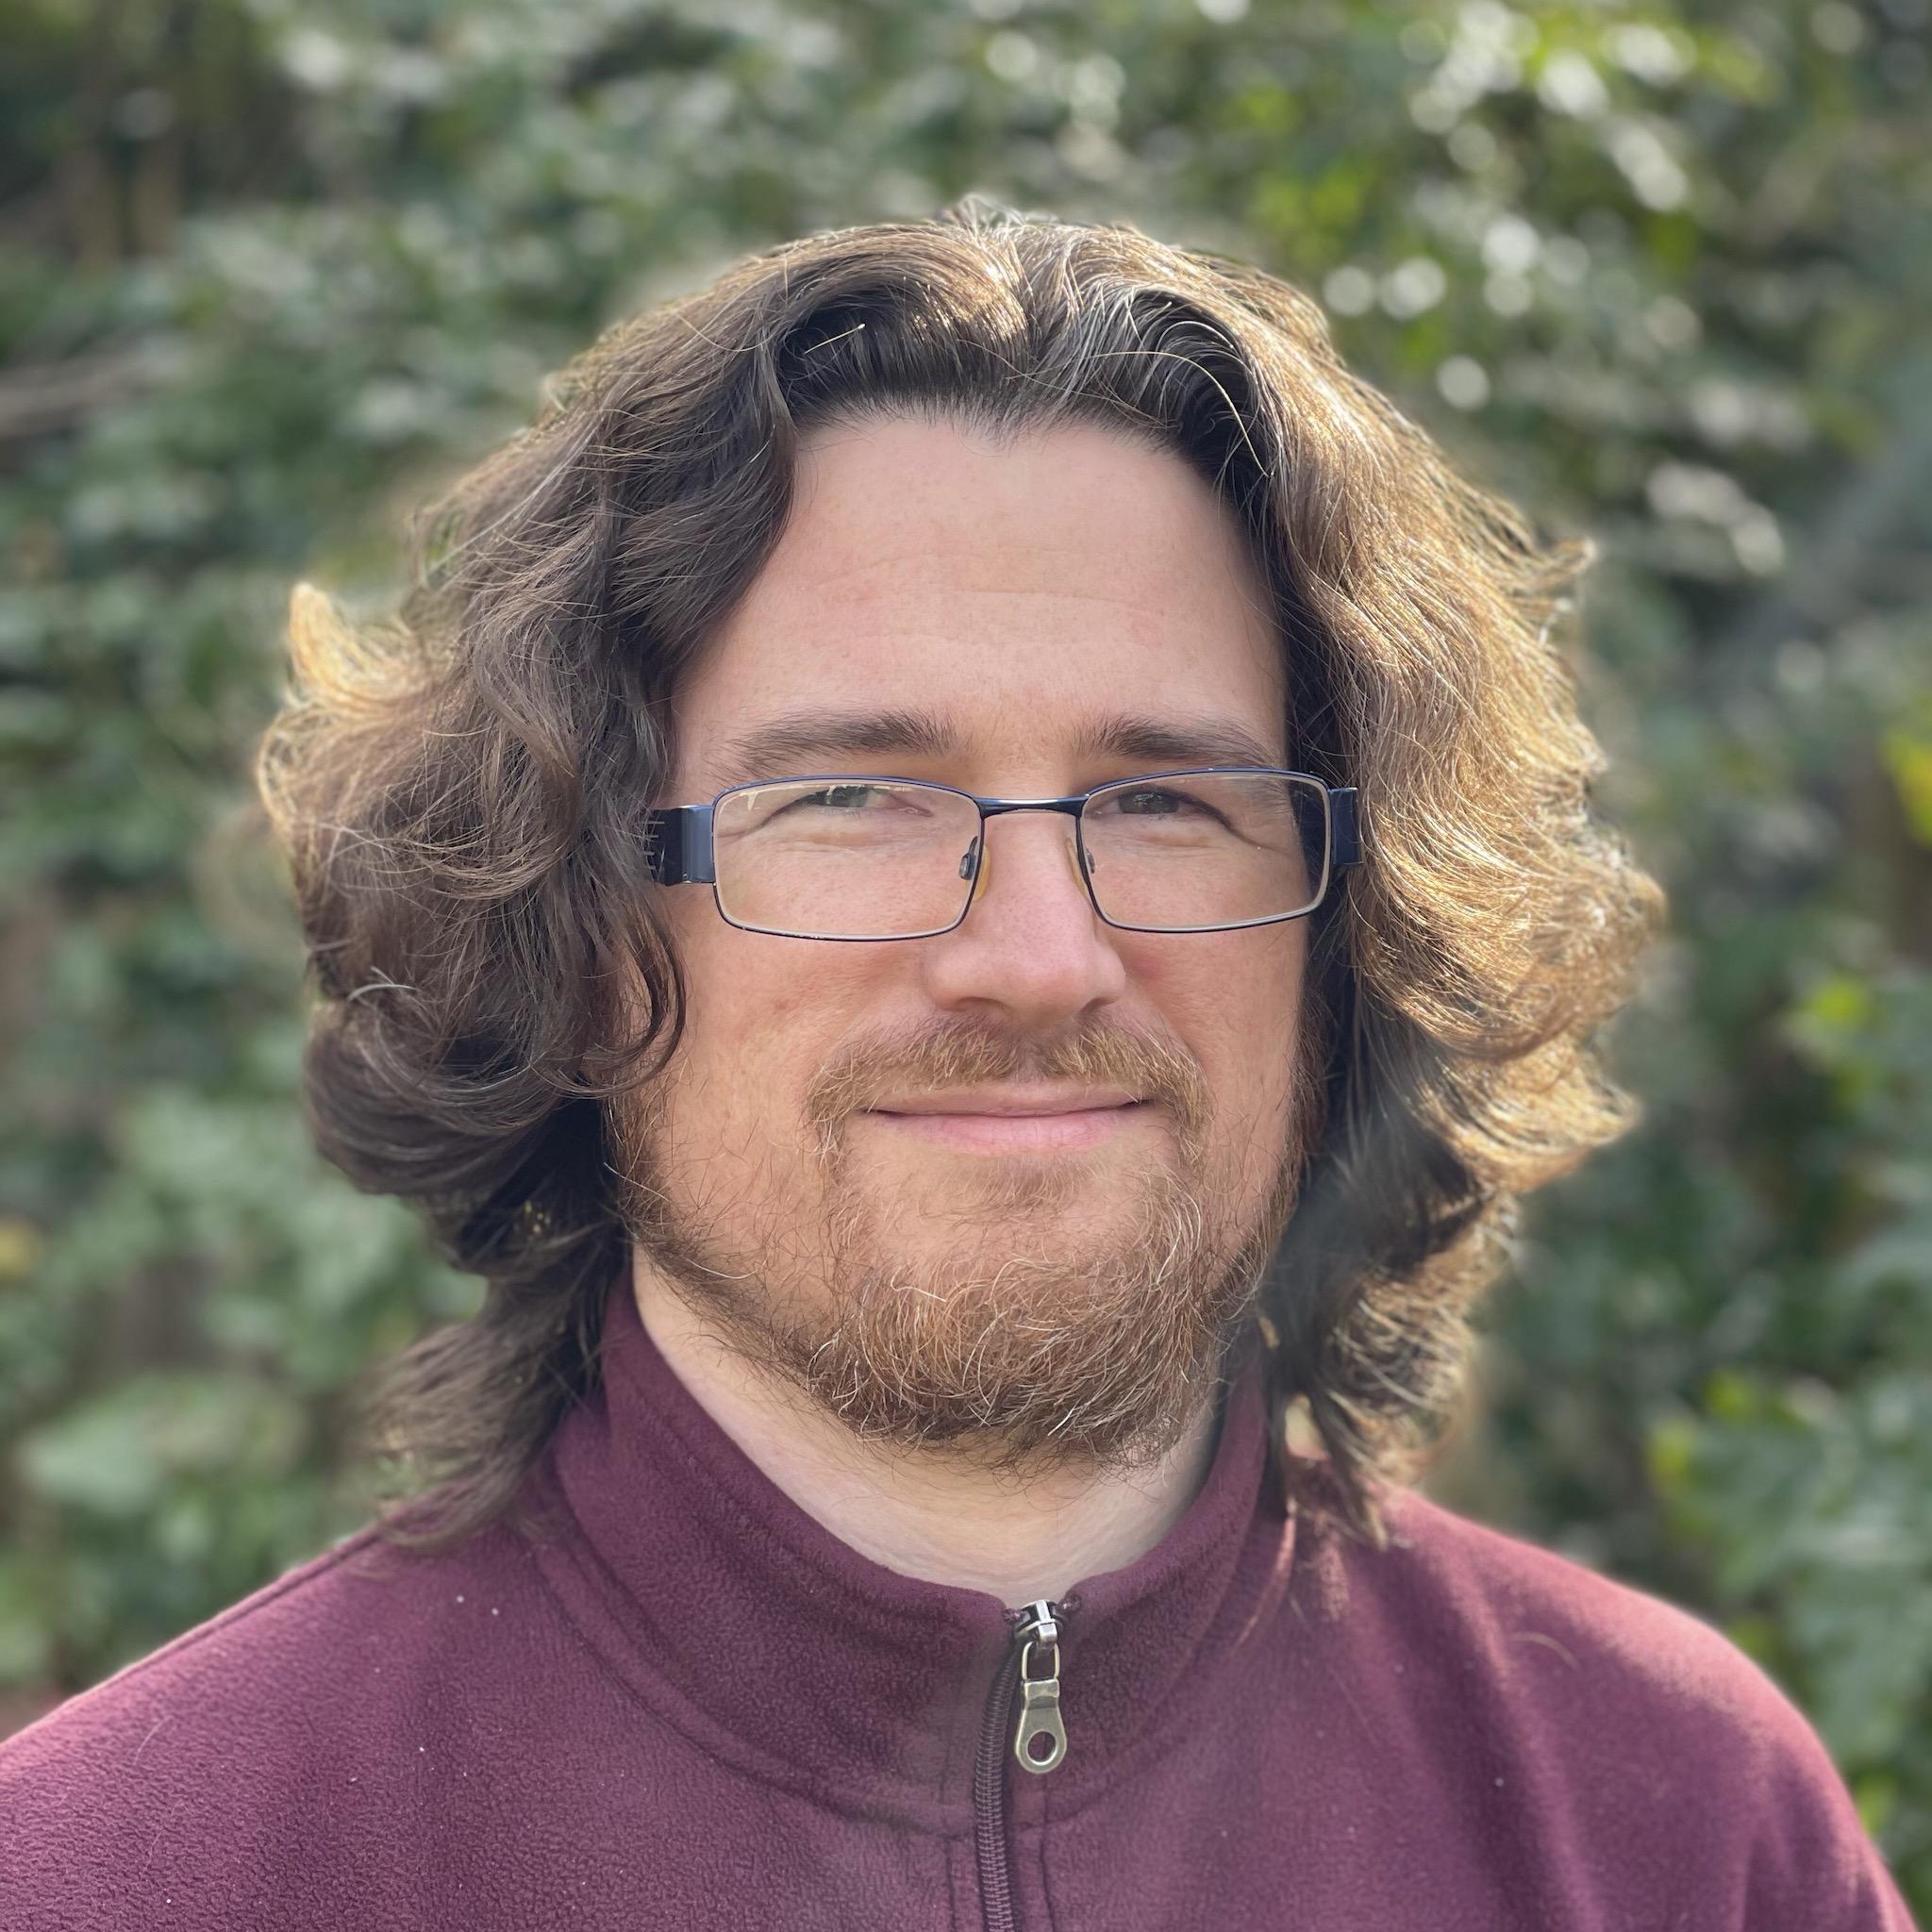 Matt Labbe